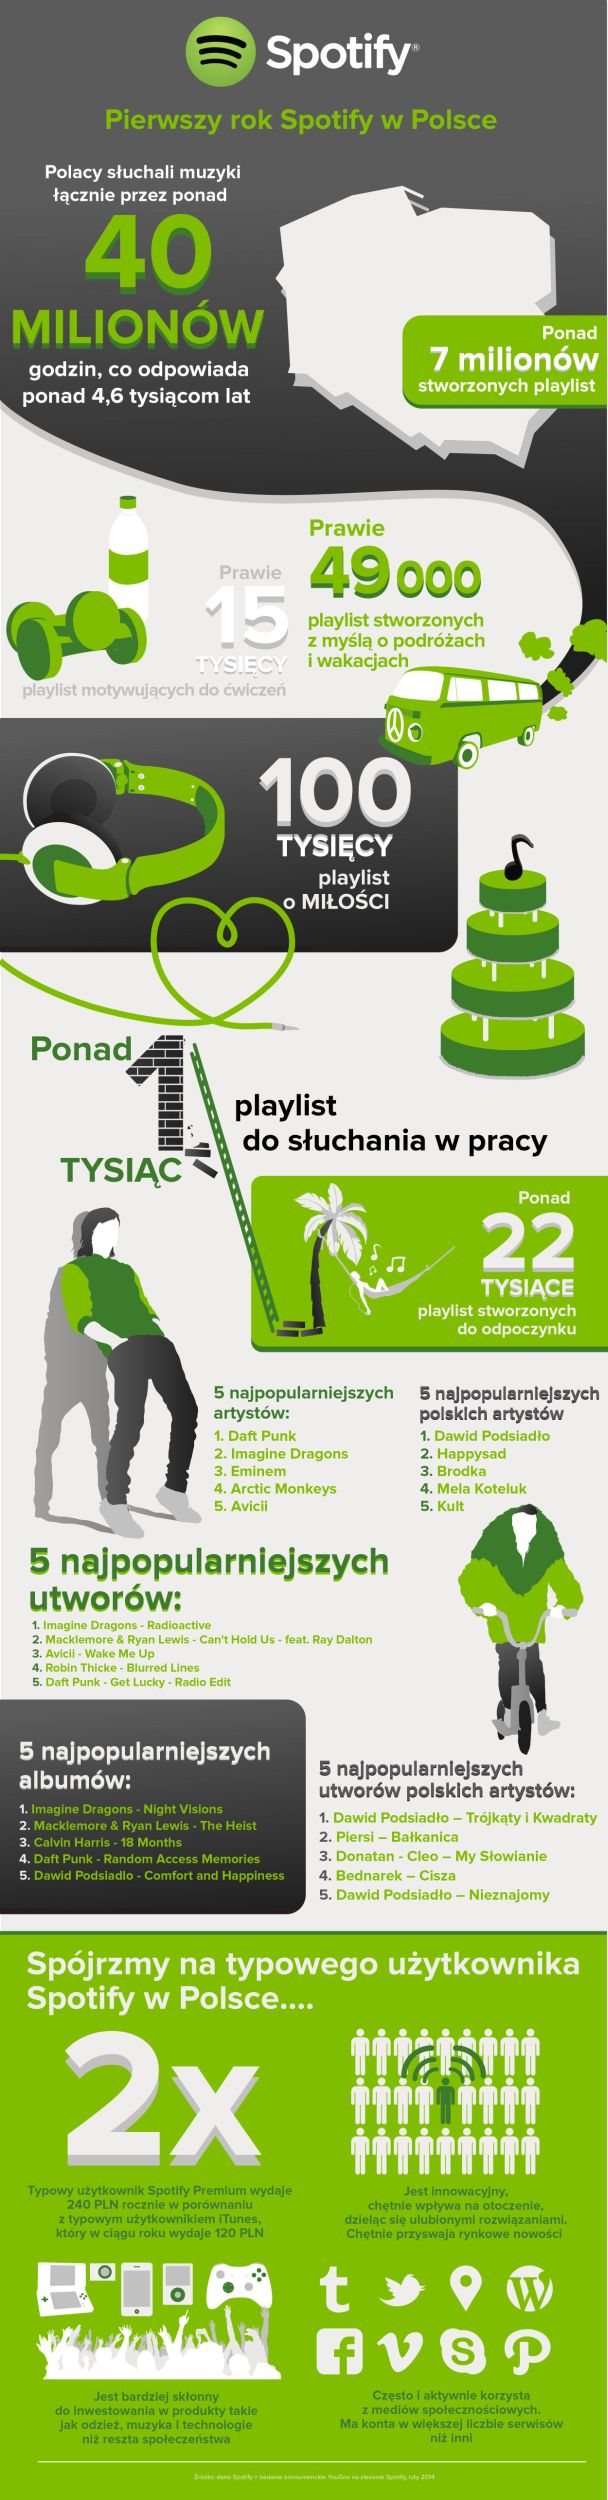 Spotify w Polsce 2013